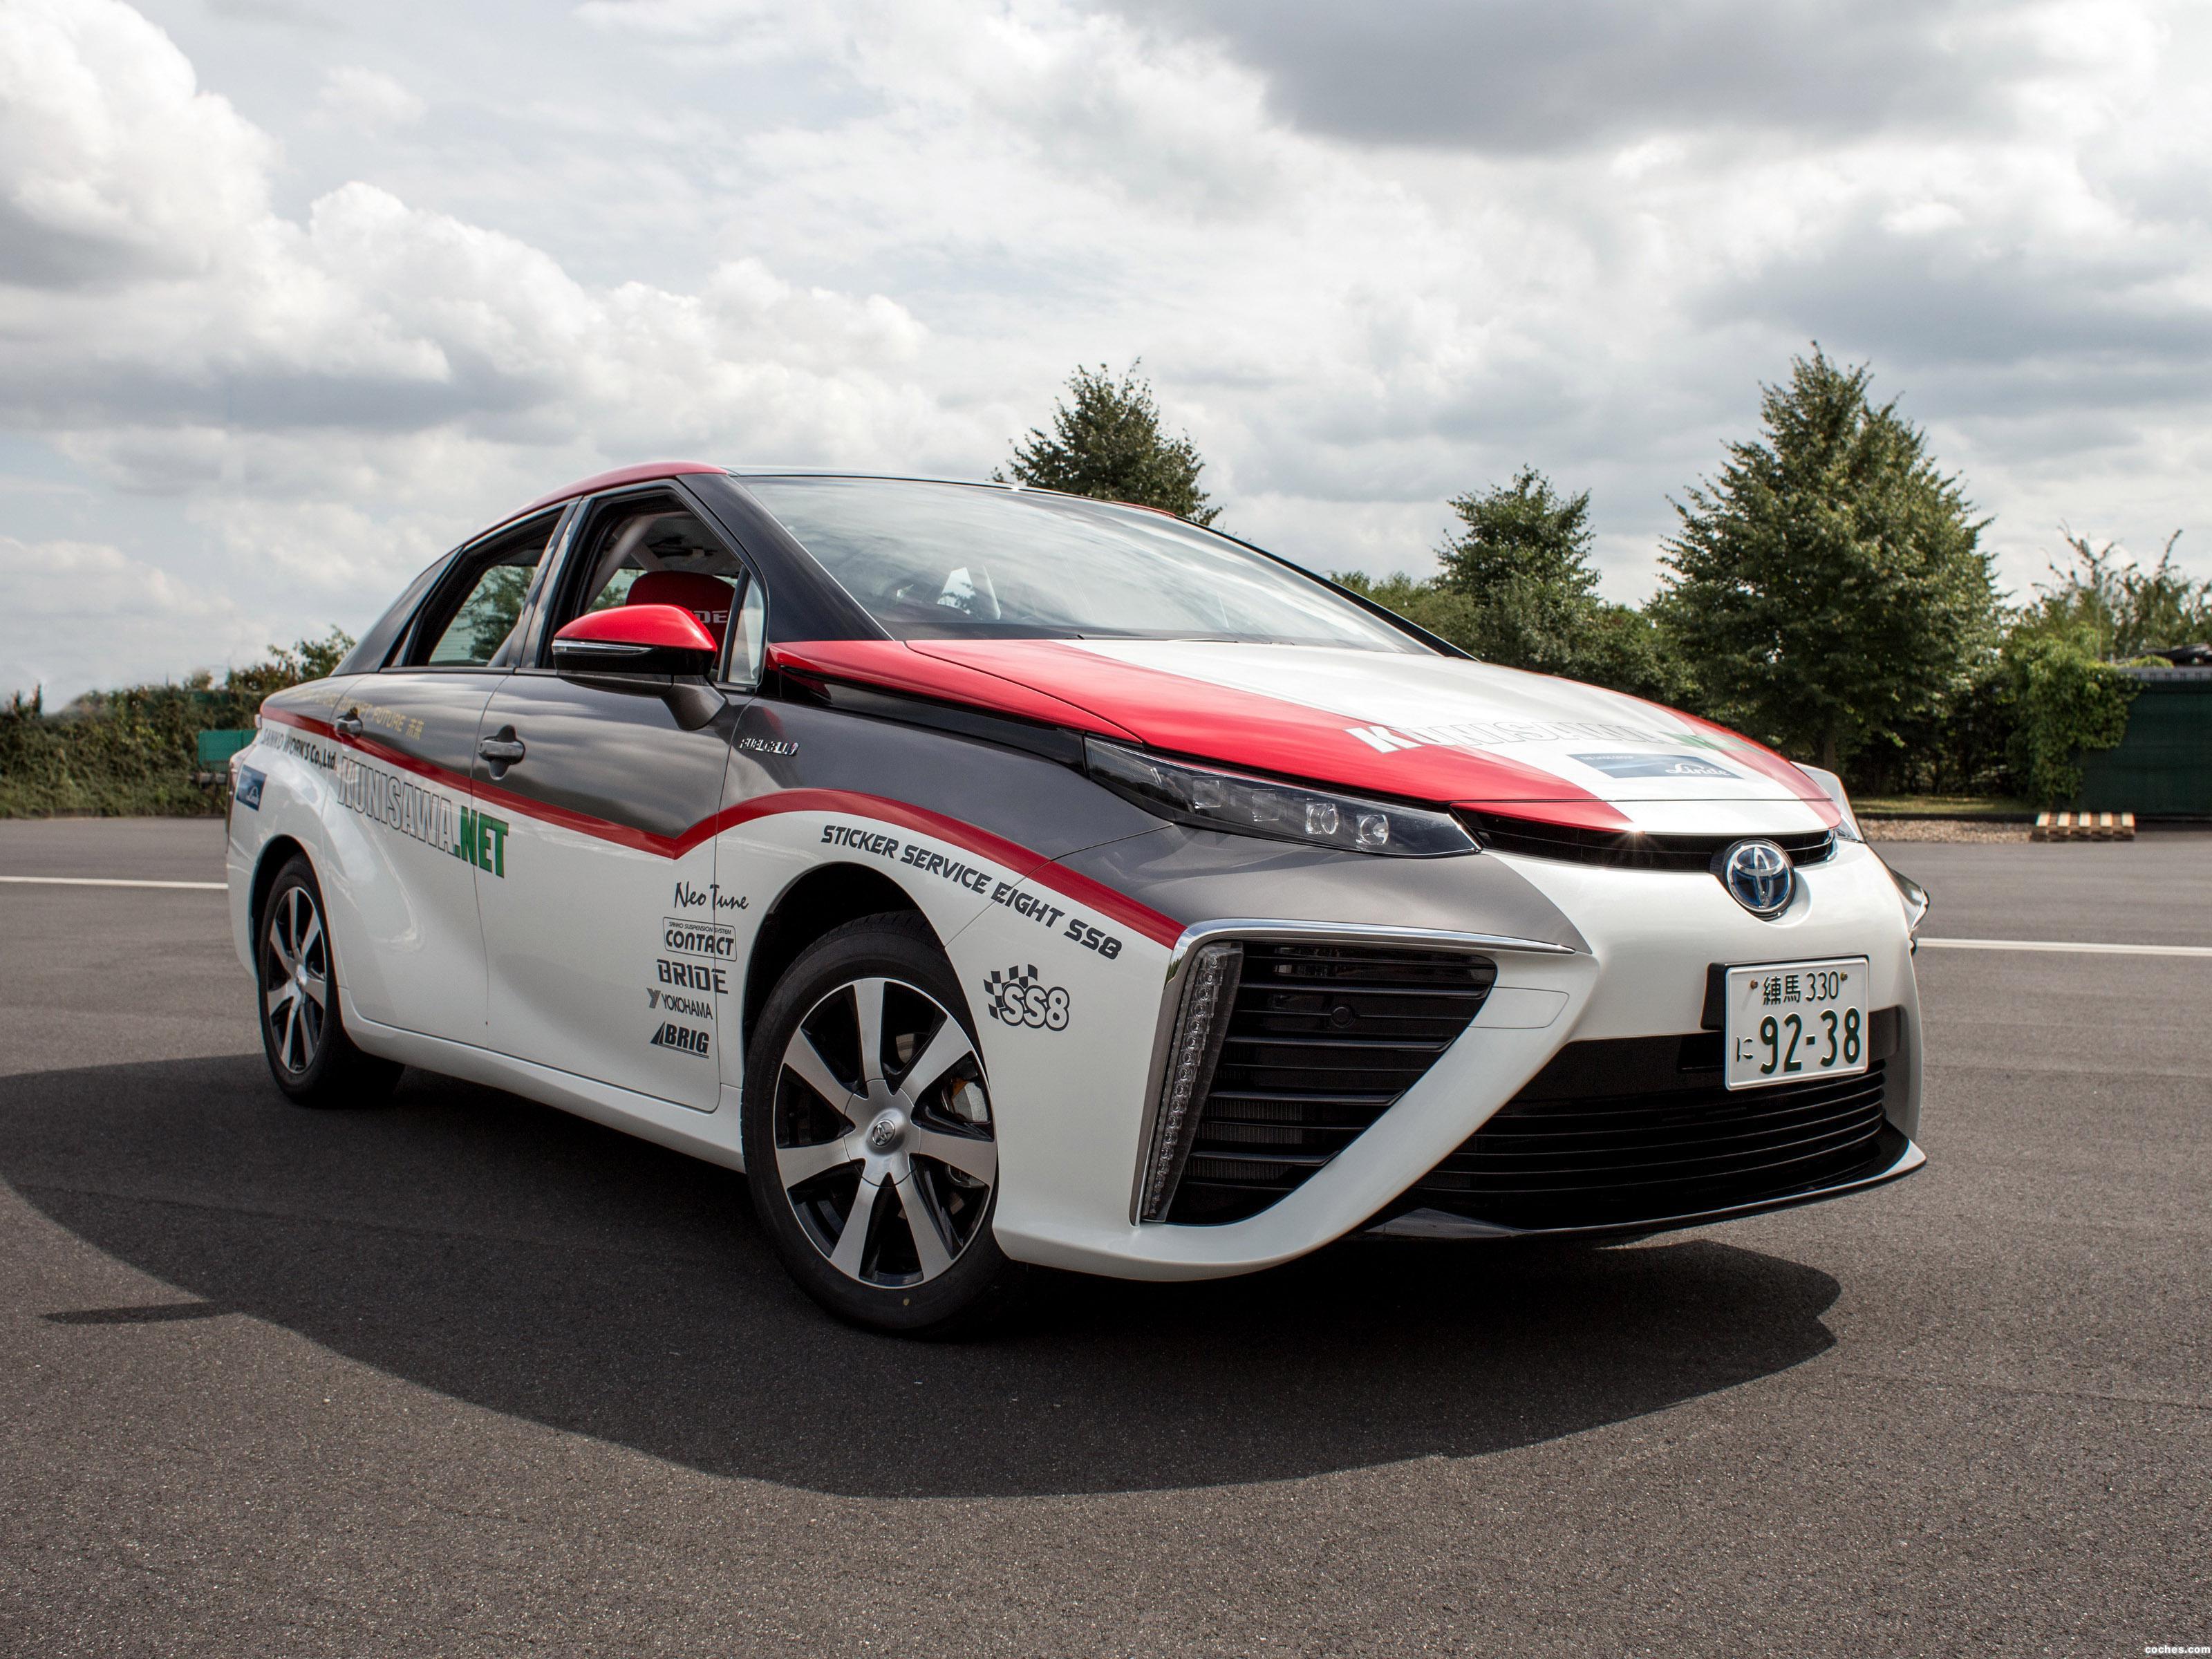 Foto 0 de Toyota Mirai ADAC Rallye 2015